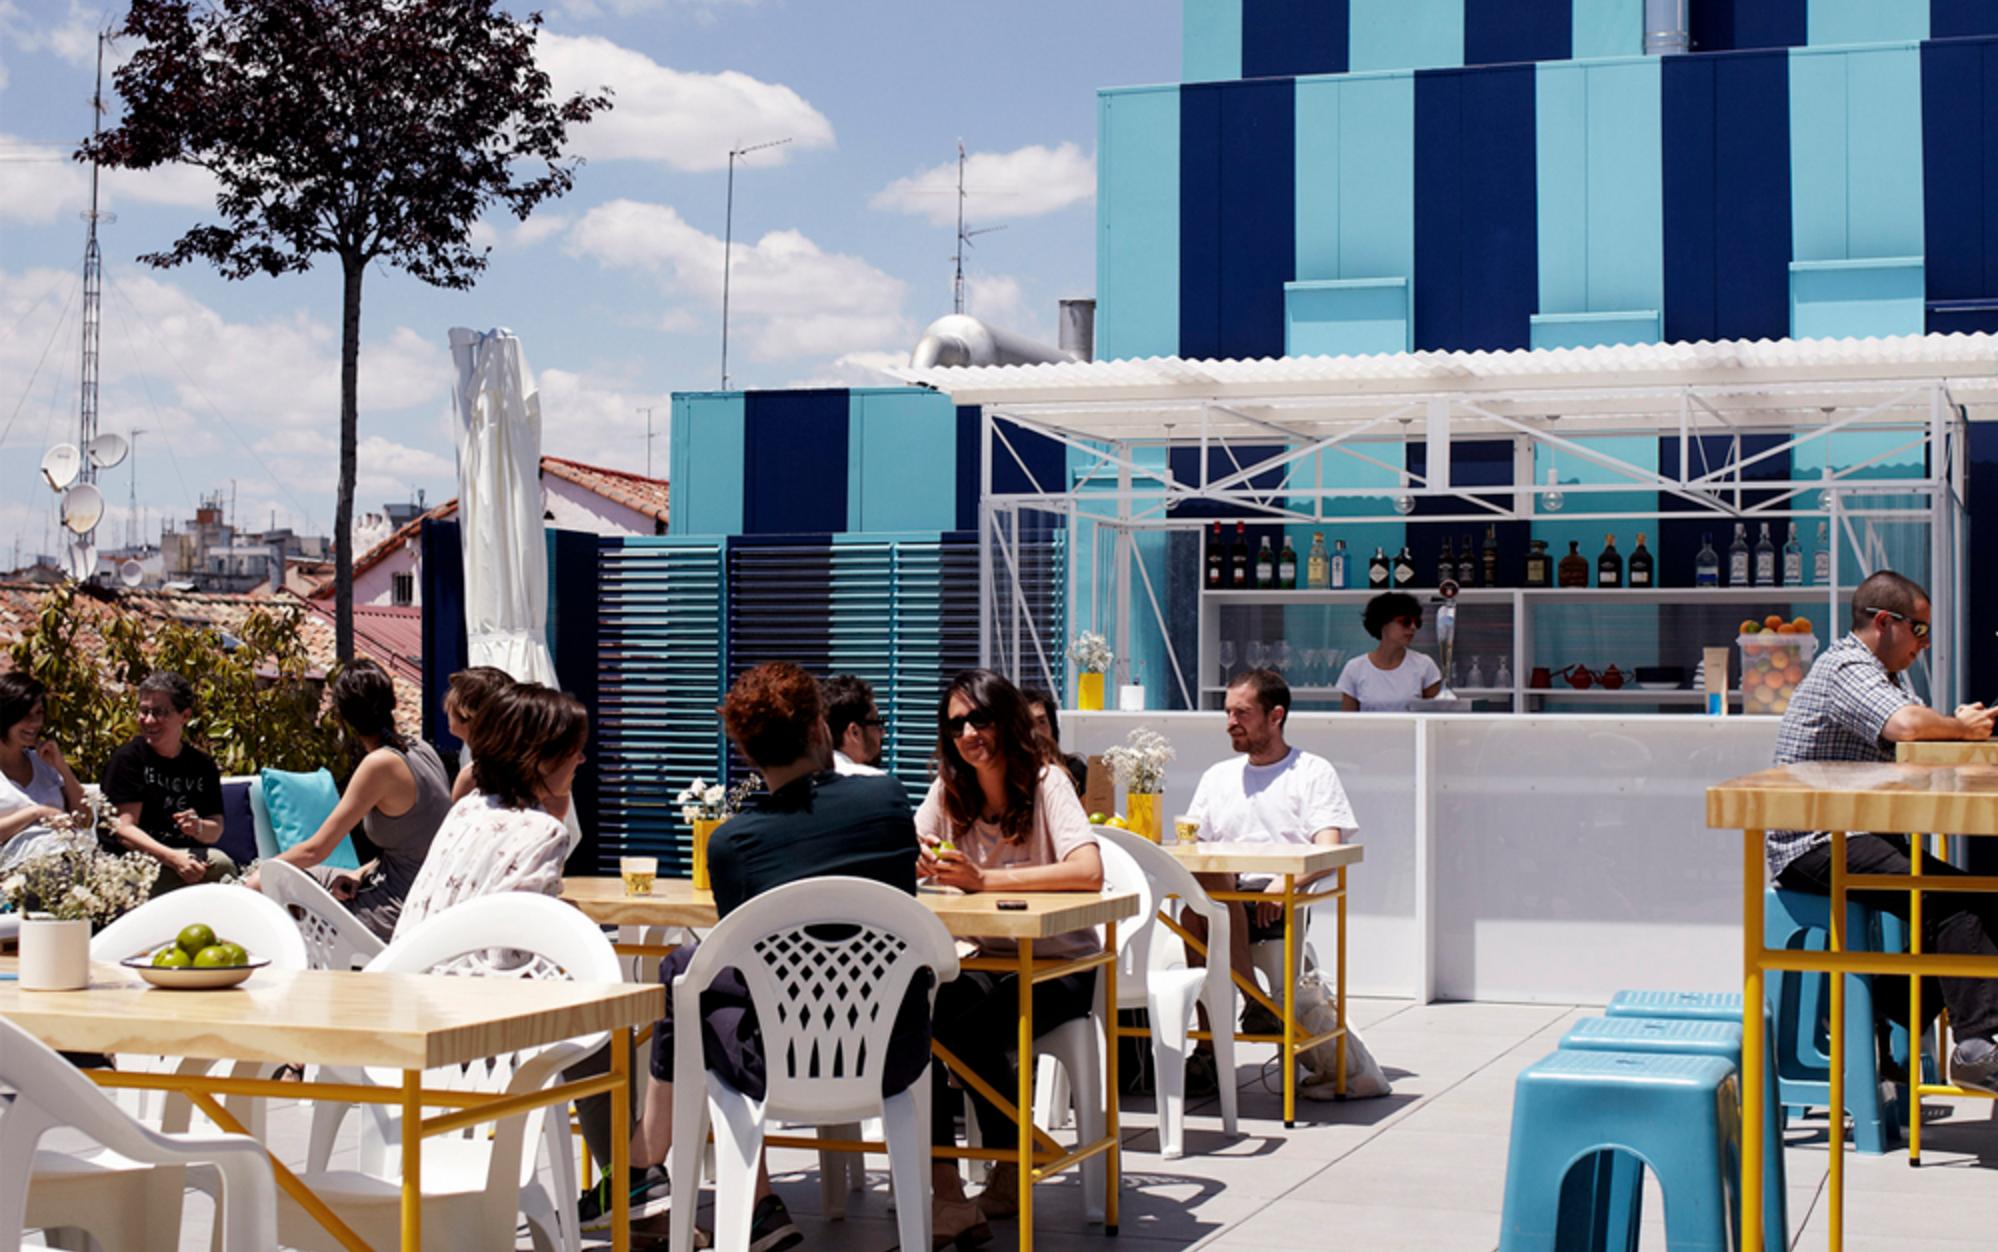 Guia Eat Love De Lo Mejor Del Terraceo Madrileno Eat Love Madrid Casa Encendida Terrazas Terrazas Madrid